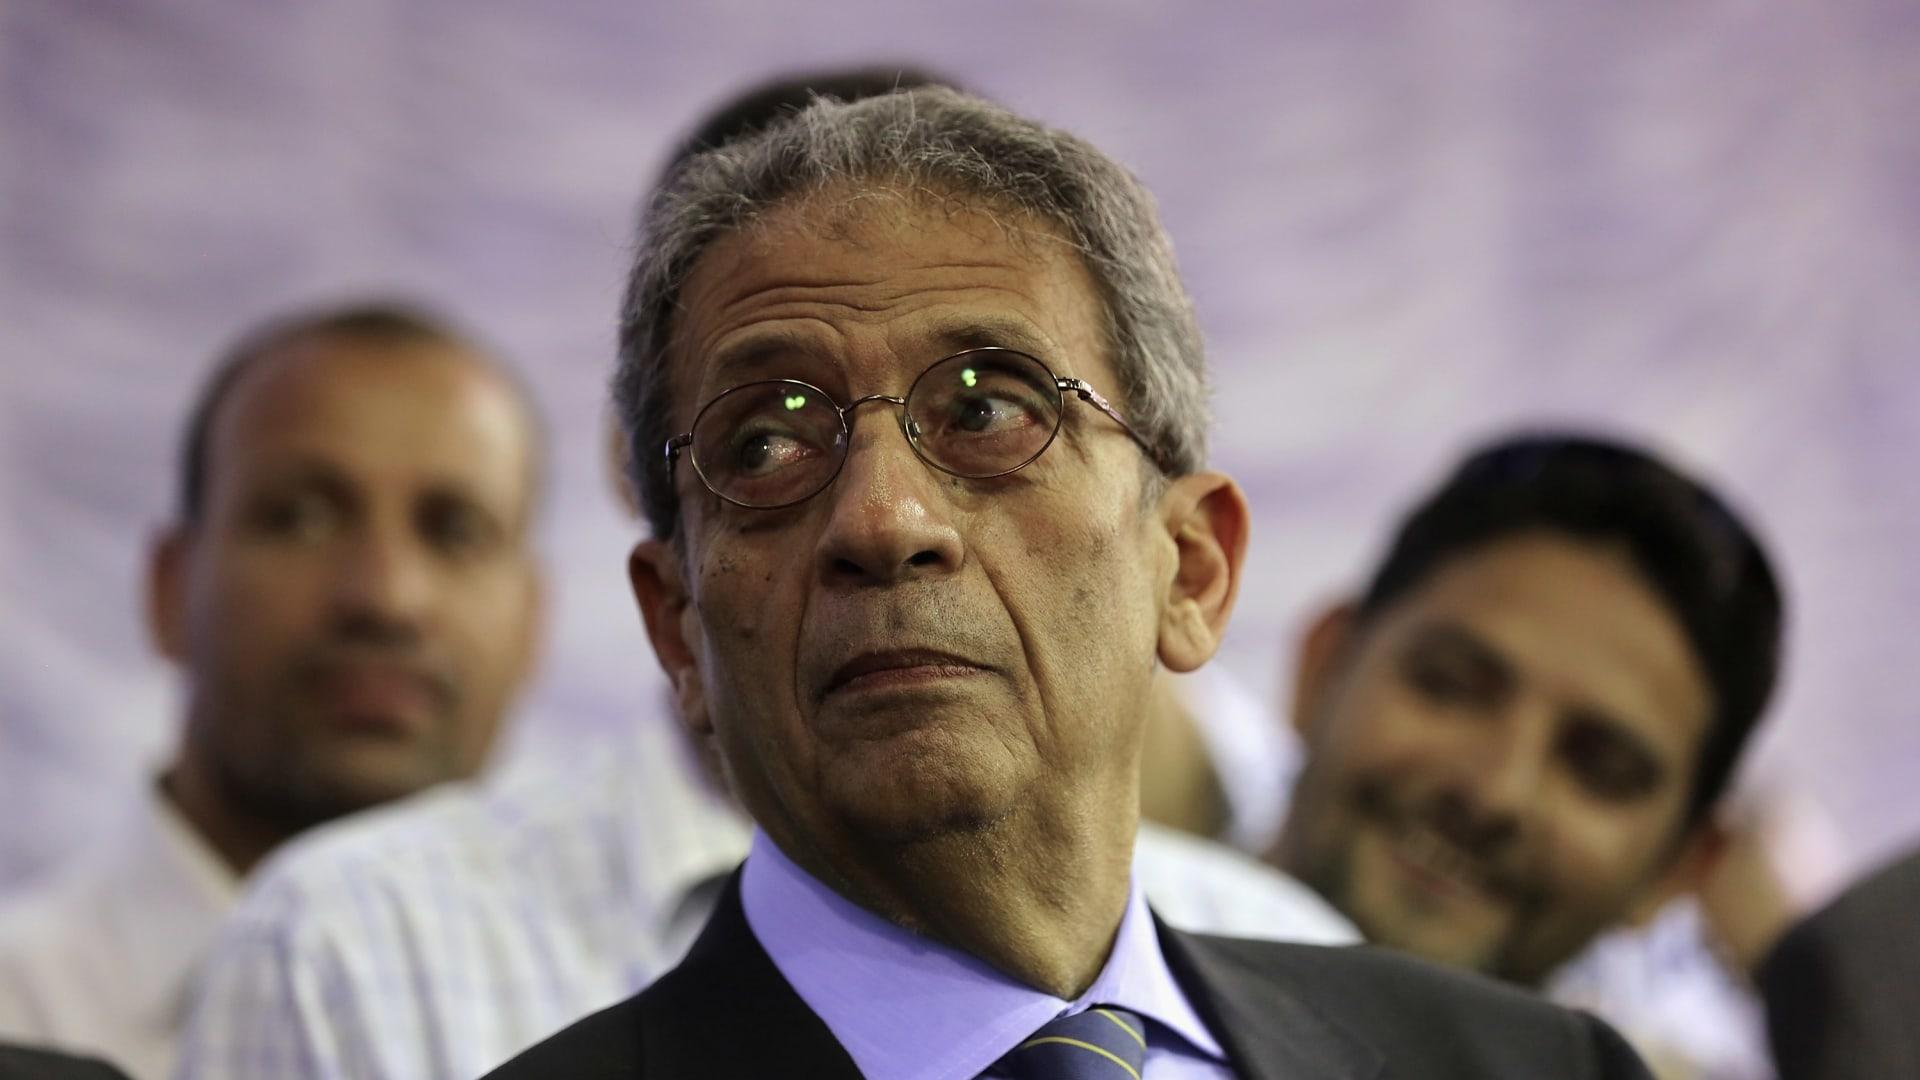 تغريدة عمرو موسى عن مرسي تثير تفاعلا بتويتر.. وتداول فيديو سابق له مع قيادي بالإخوان